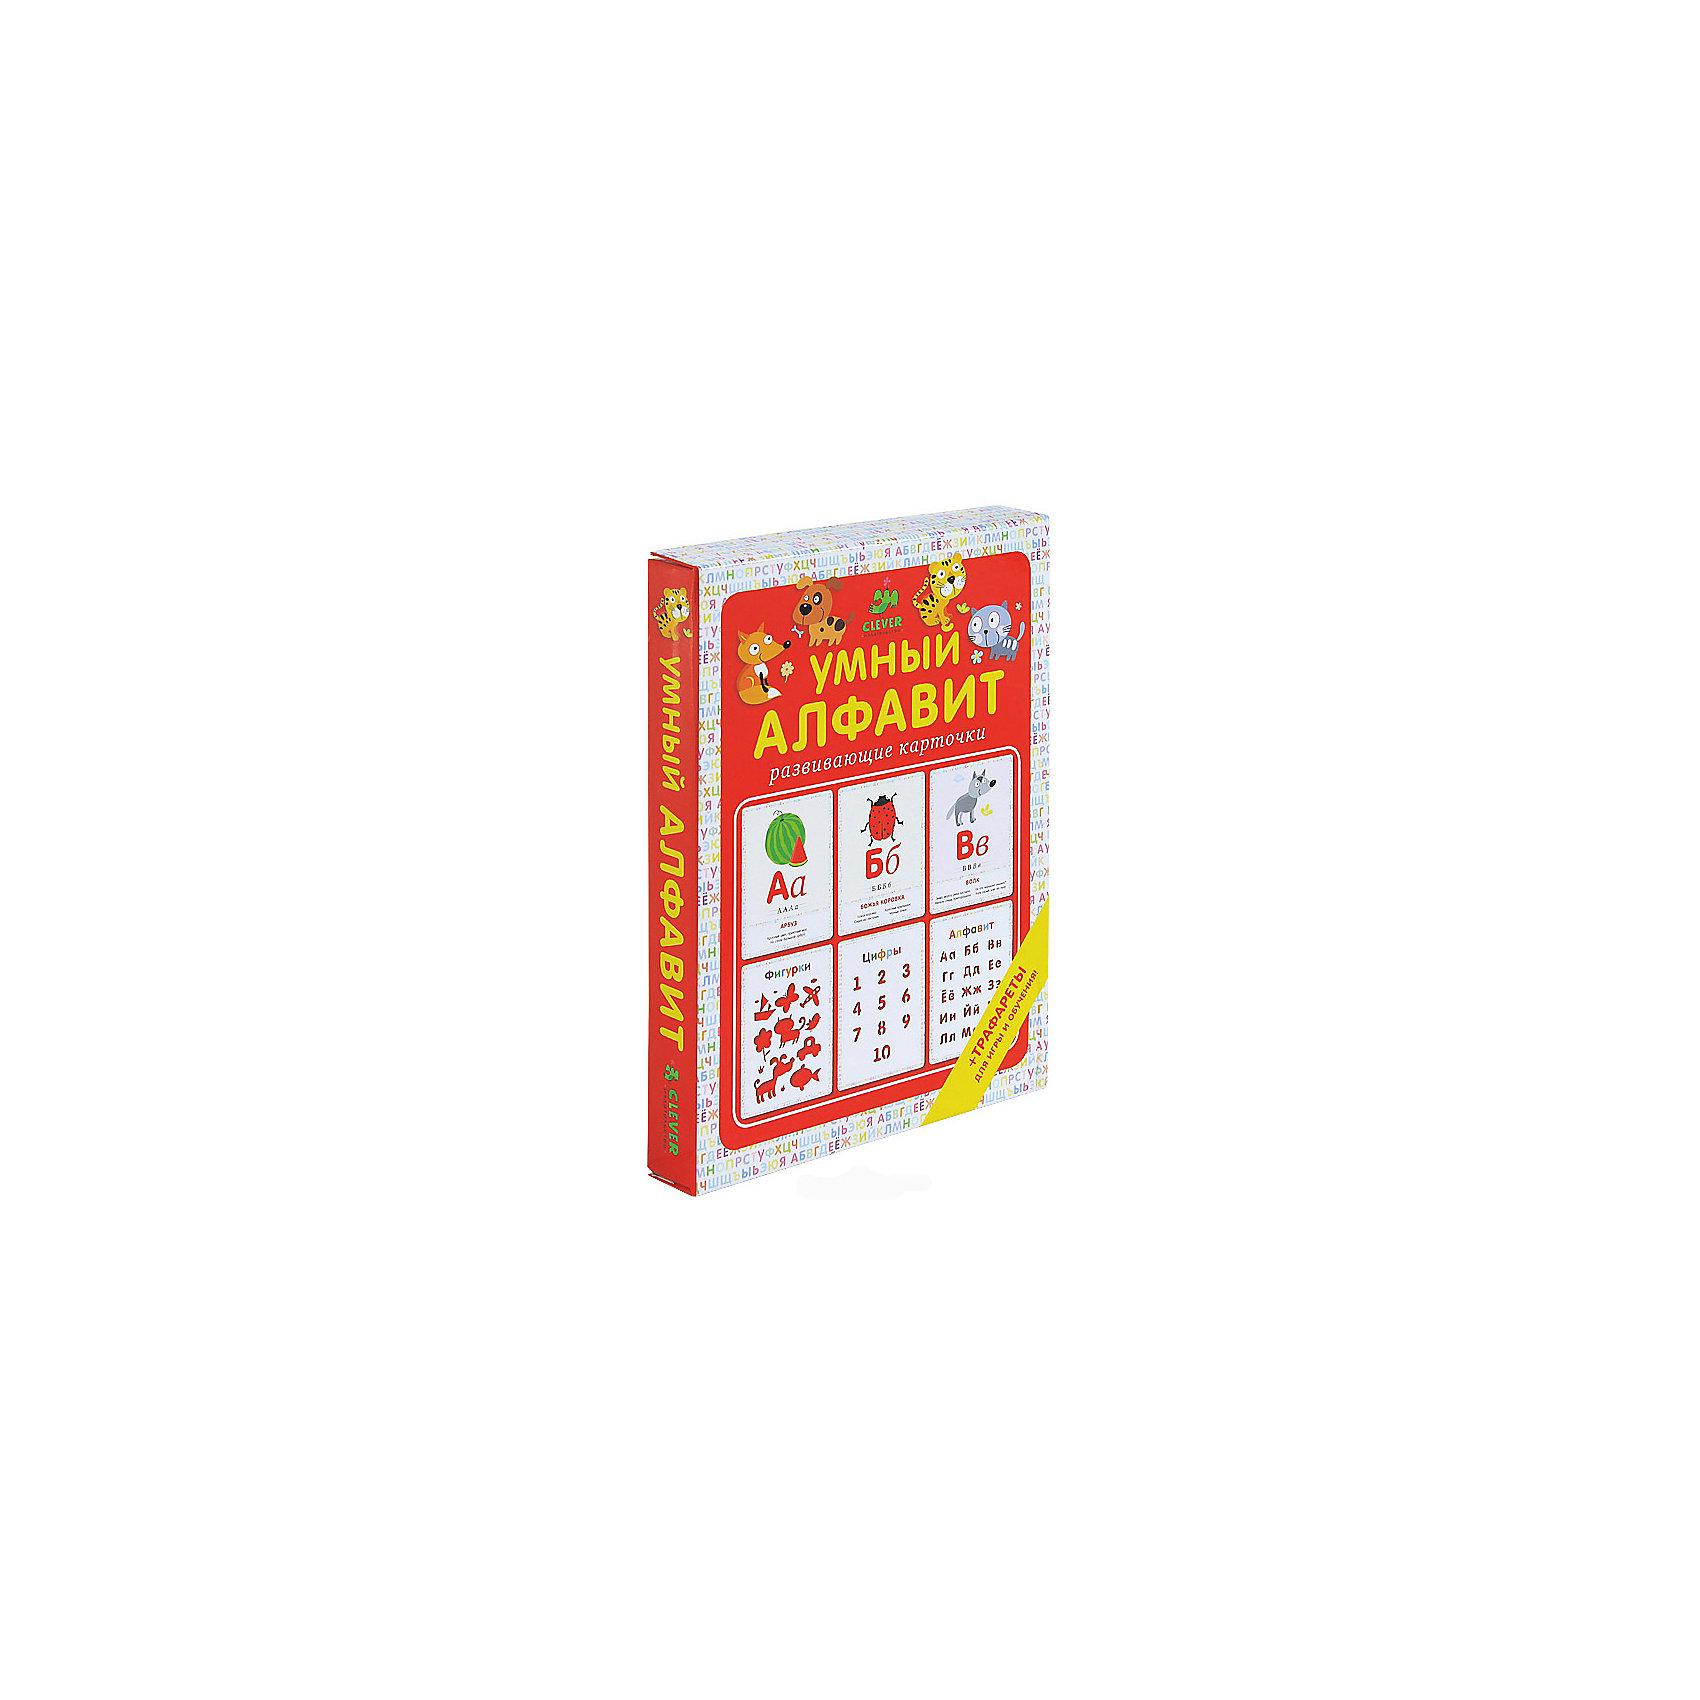 Умный АлфавитС этими карточками ребенок очень быстро освоит алфавит. Специально разработанный комплект развивающих карточек - это увлекательная игра, благодаря которой учить алфавит легко и весело. На каждой карточке: предмет на обозначенную букву алфавита, начертание печатной и прописной буквы, а также забавный стишок, позволяющий не только запомнить букву, но и научить ребенка находить ее в разных словах. Специальный бонус: пять трафаретов с буквами, цифрами, формами и фигурками - существенная помощь для родителей и воспитателей в закреплении материала. <br><br>Дополнительная информация:<br><br>- Автор: Берлова Анжела Леонидовна, Осипова Елена.<br>- Художник: Елькина К., Жиренкина Т., Корчемкина Е.<br>- Материал: картон.<br>- Размер упаковки: 23х17,5 см.<br>- Количество карточек: 40.<br>- Иллюстрации: цветные. <br><br>Карточки Умный Алфавит можно купить в нашем магазине.<br><br>Ширина мм: 165<br>Глубина мм: 228<br>Высота мм: 30<br>Вес г: 768<br>Возраст от месяцев: 0<br>Возраст до месяцев: 36<br>Пол: Унисекс<br>Возраст: Детский<br>SKU: 4419587